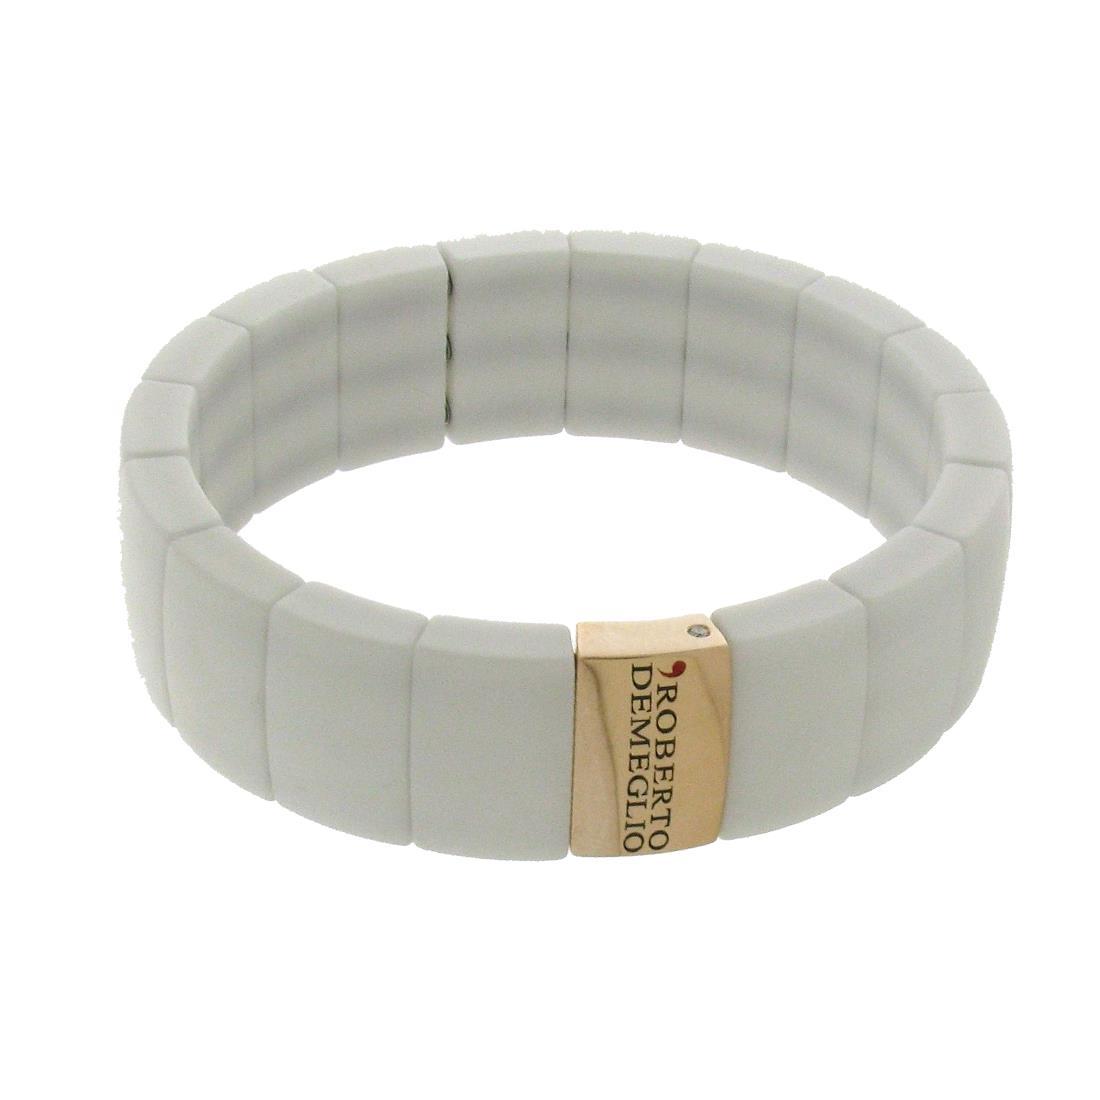 Bracciale Domino 1 file di ceramica bianca - ROBERTO DEMEGLIO